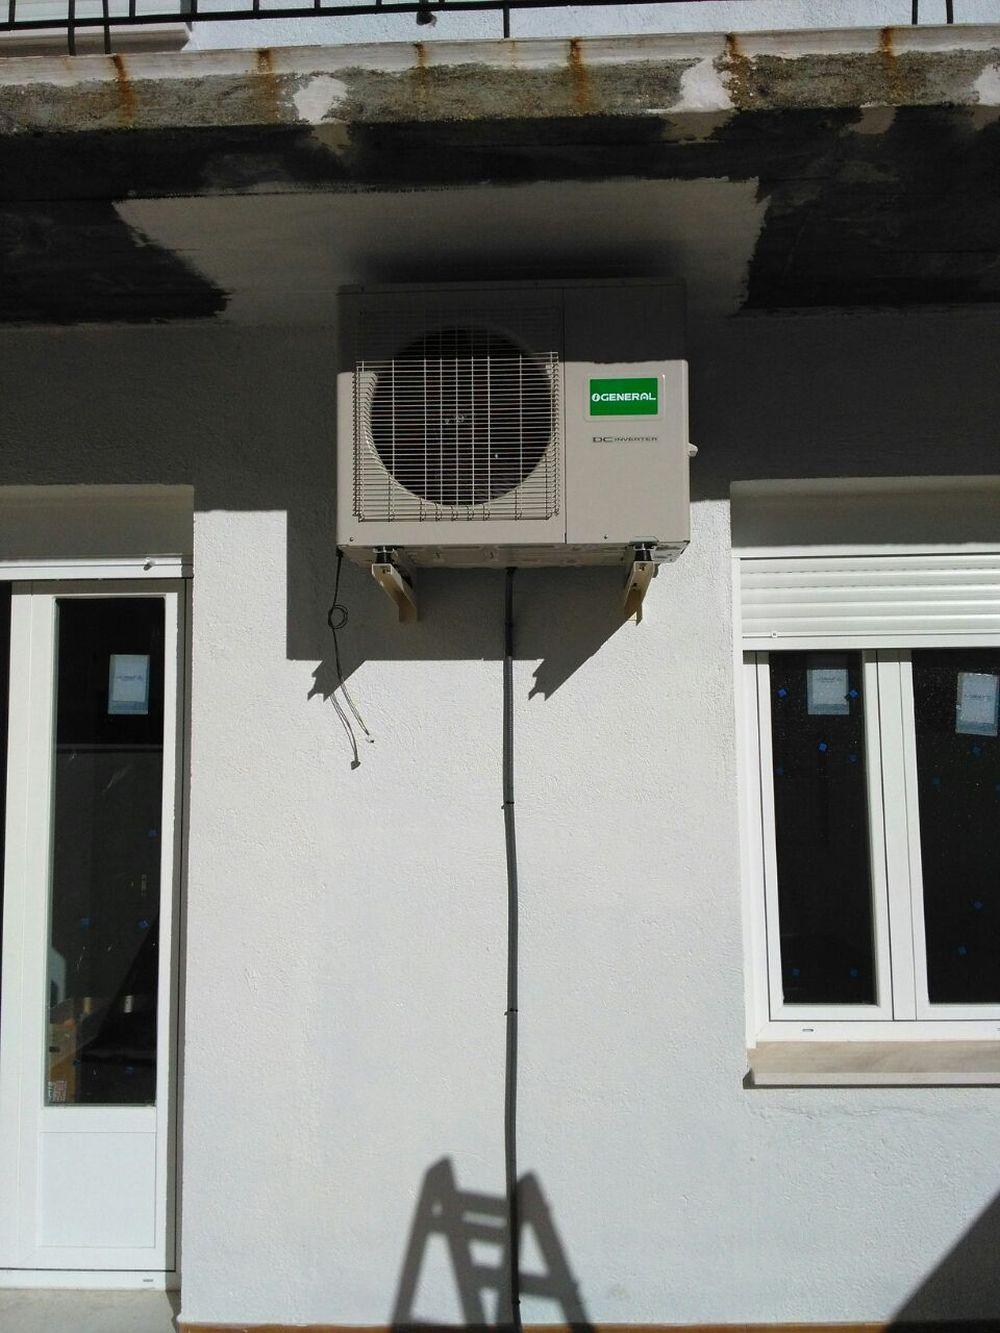 Instalaci n de m quinas de aire acondicionado en bloque de for Maquinas de aire acondicionado baratas